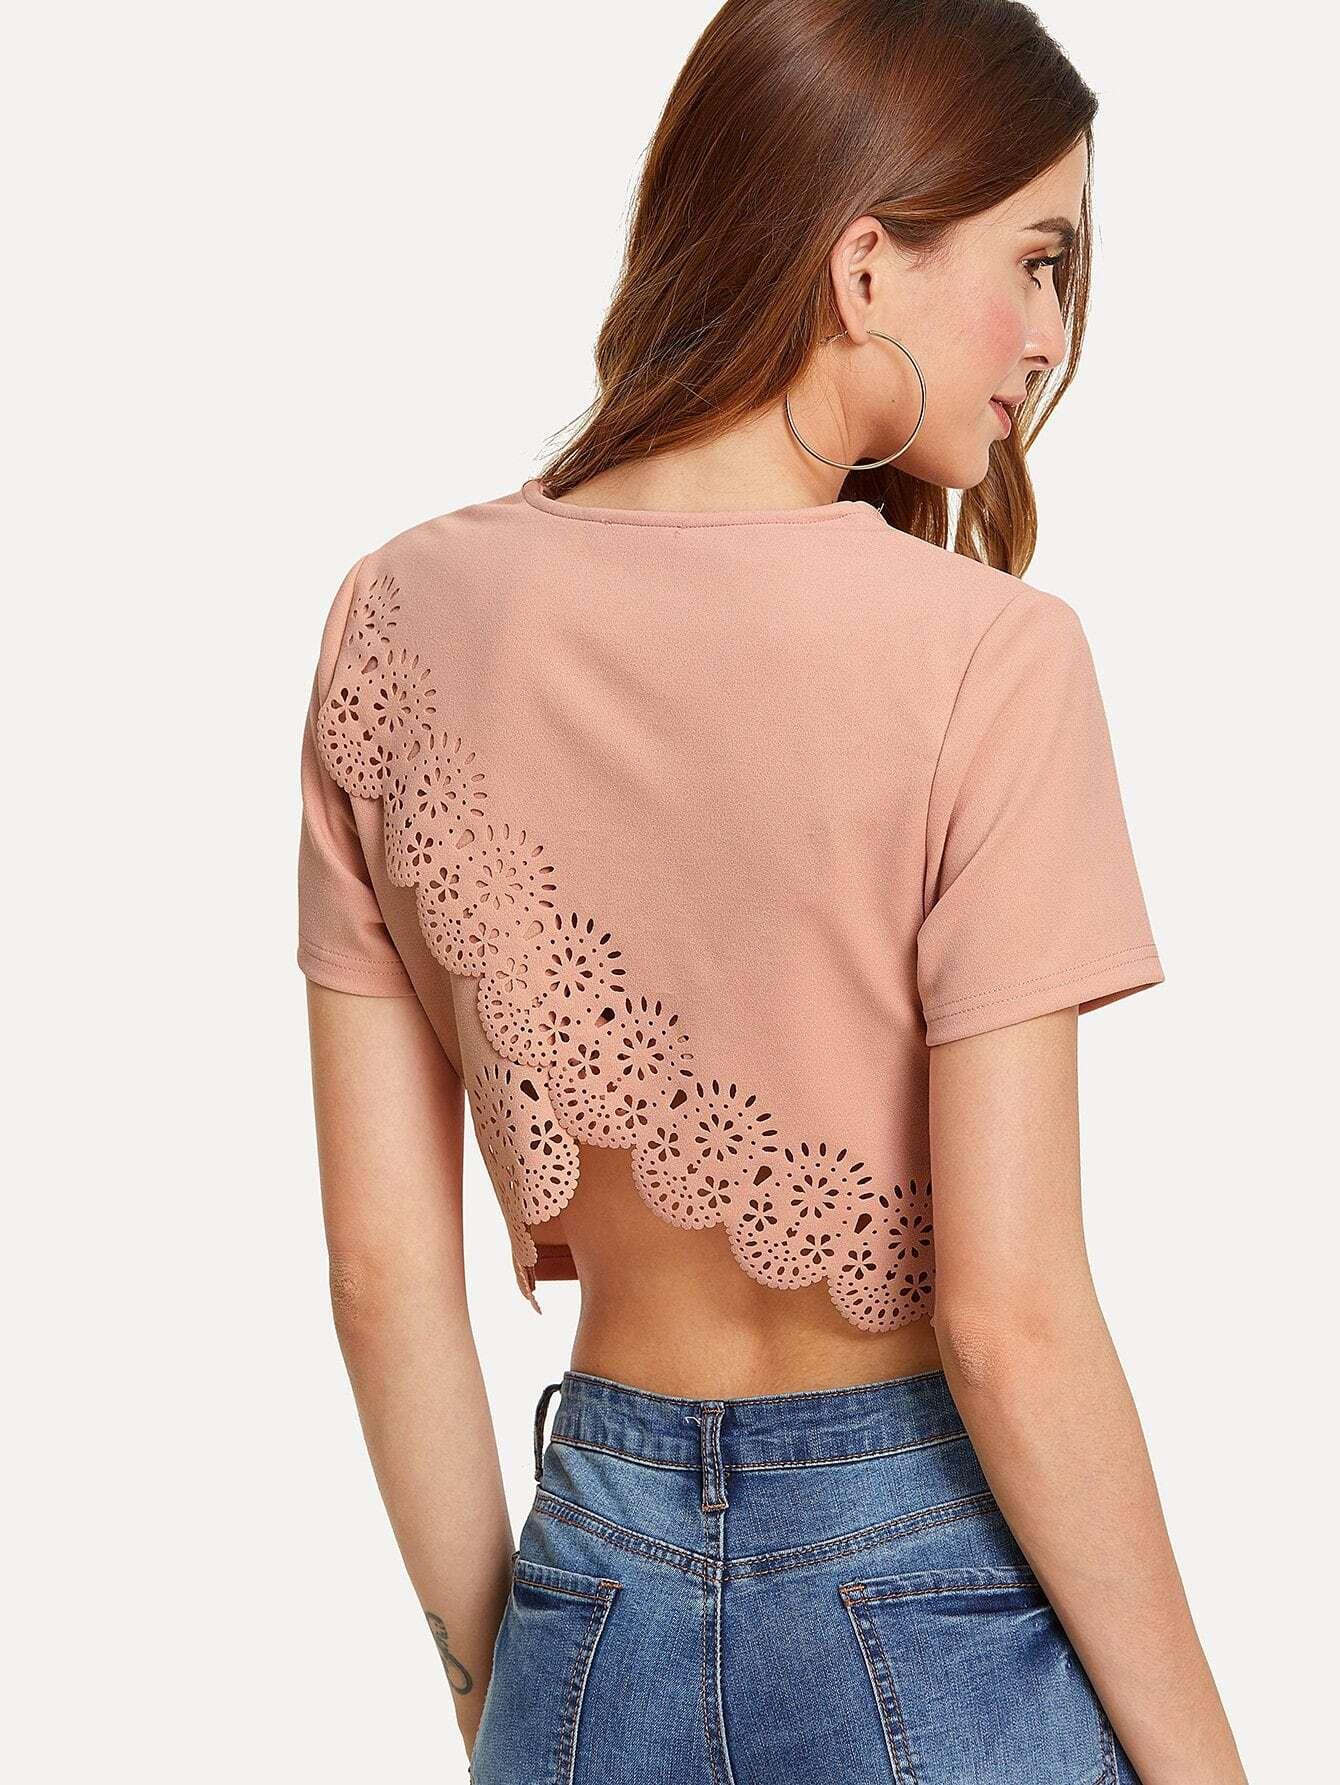 Laser Cut Scallop Trim Overlap Back Blouse scallop laser cut textured blouse